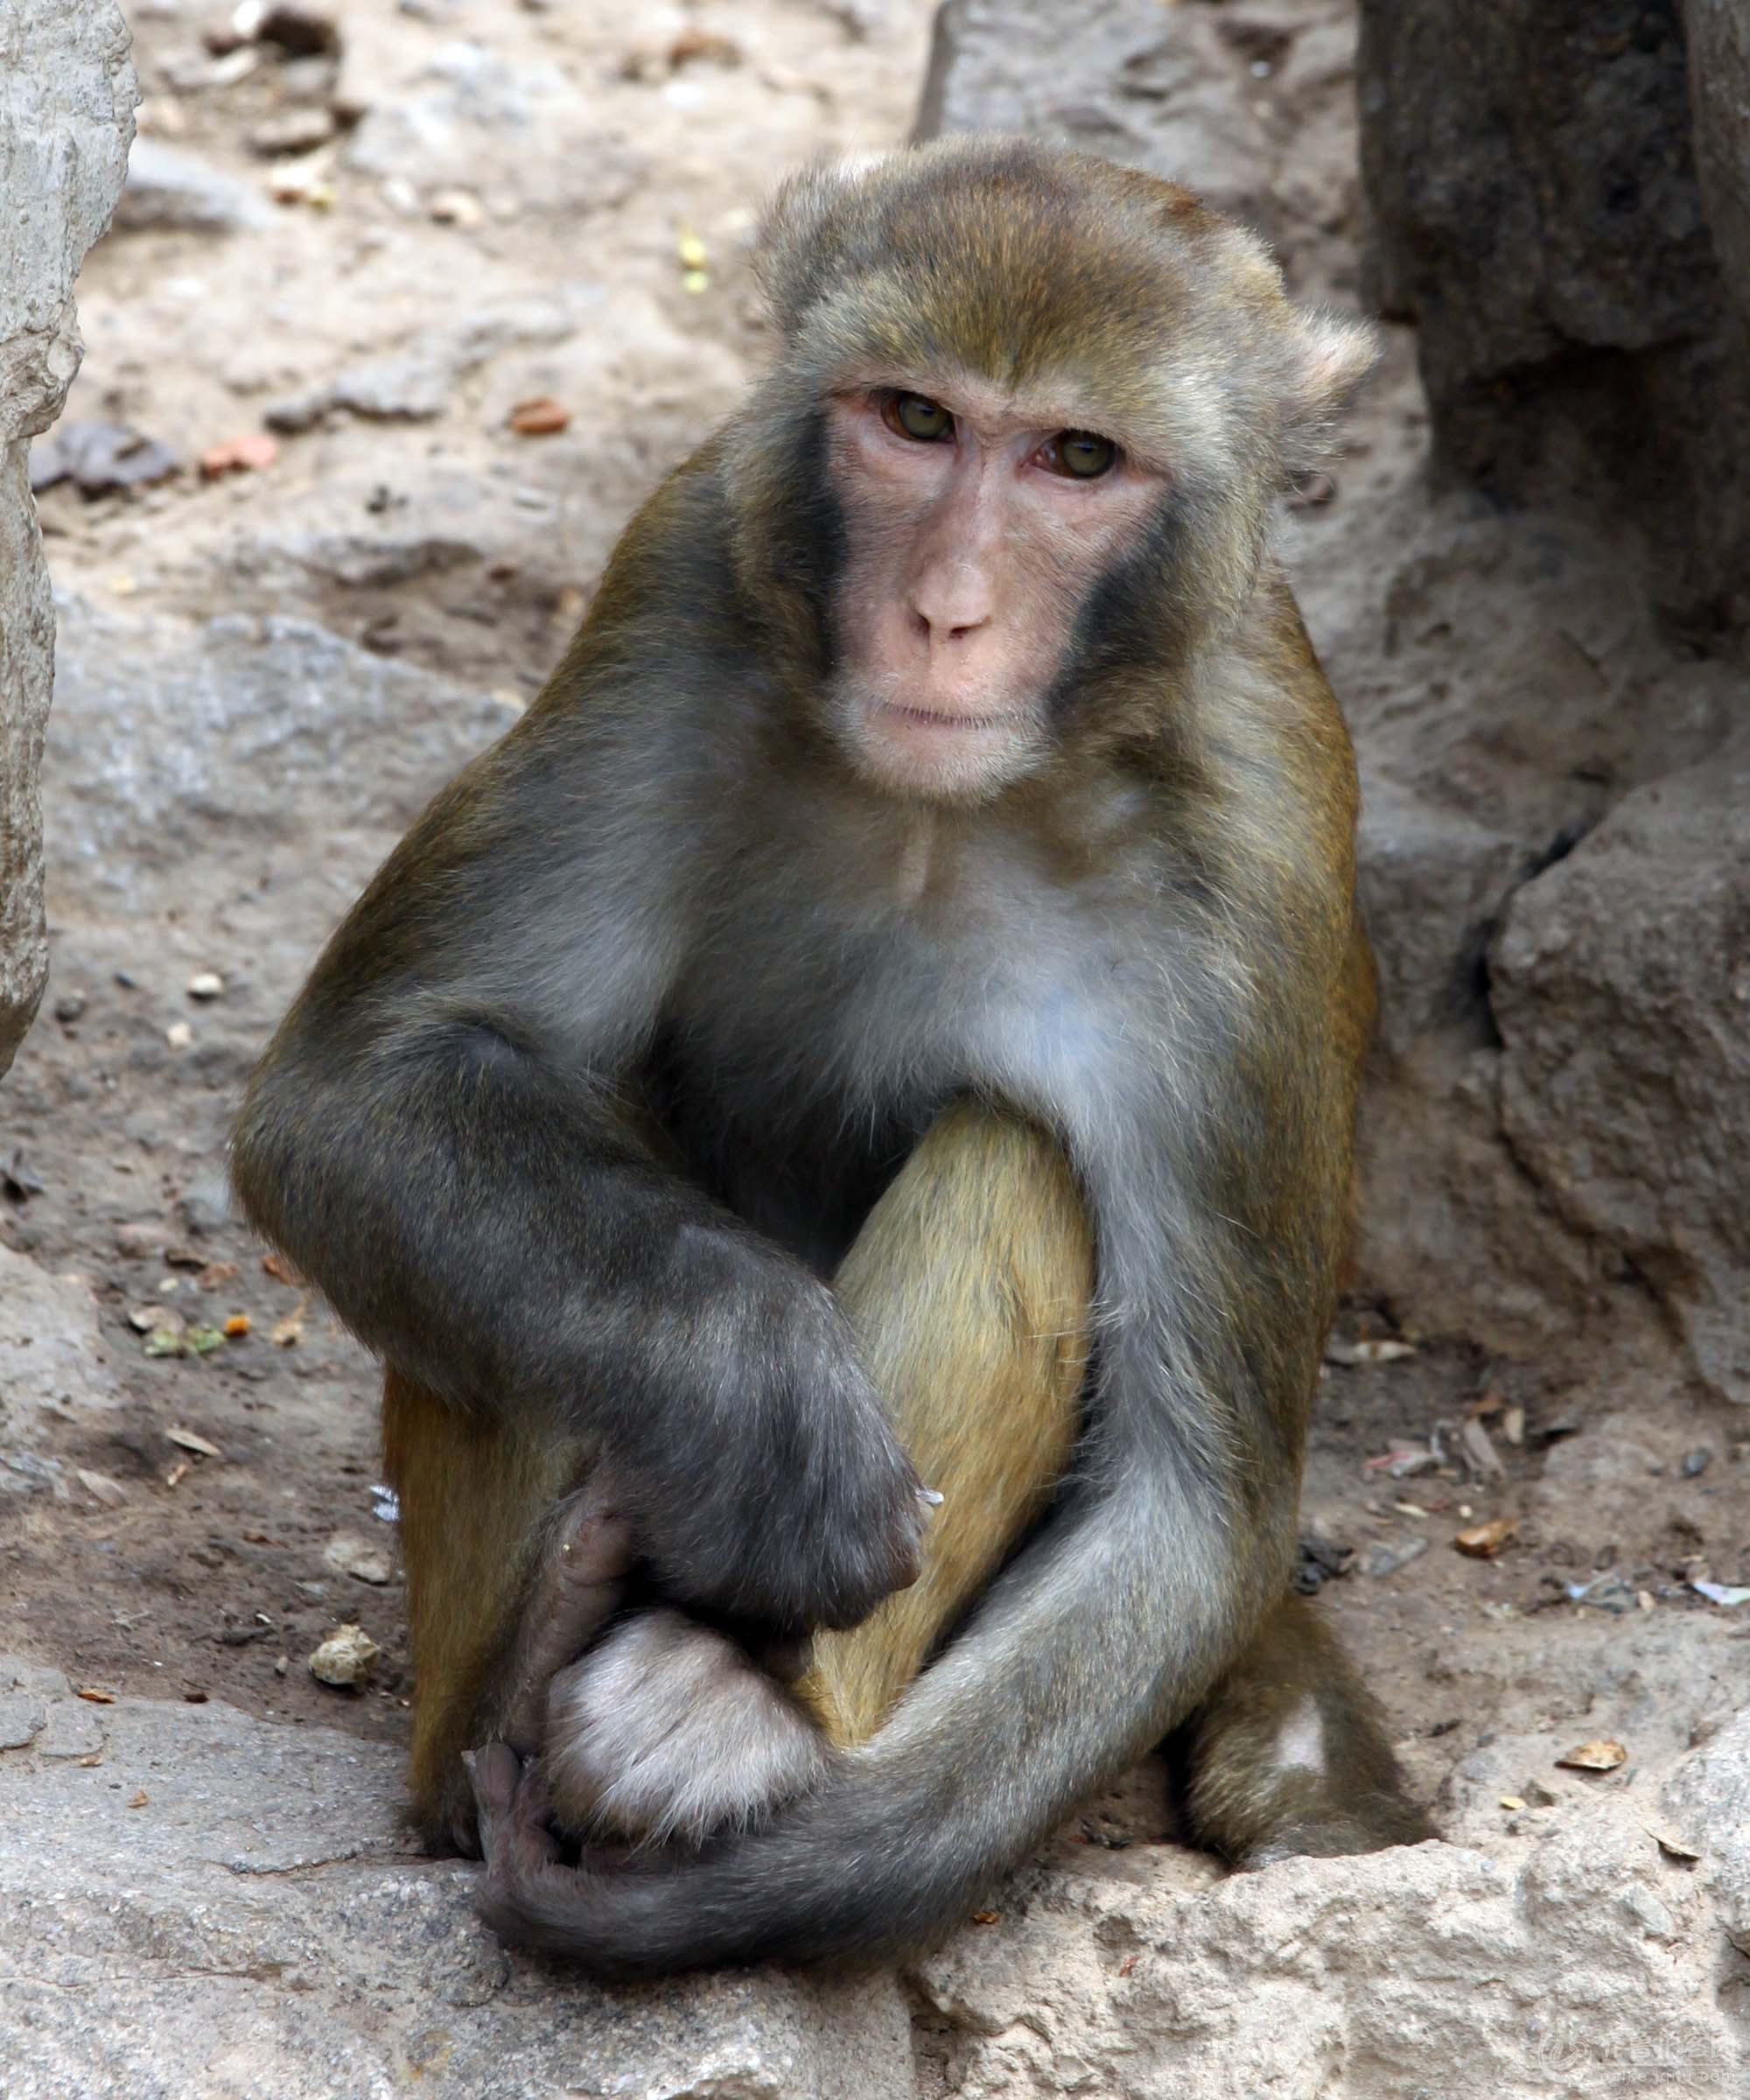 可爱的猴子系列之四(寂寞的猴王)